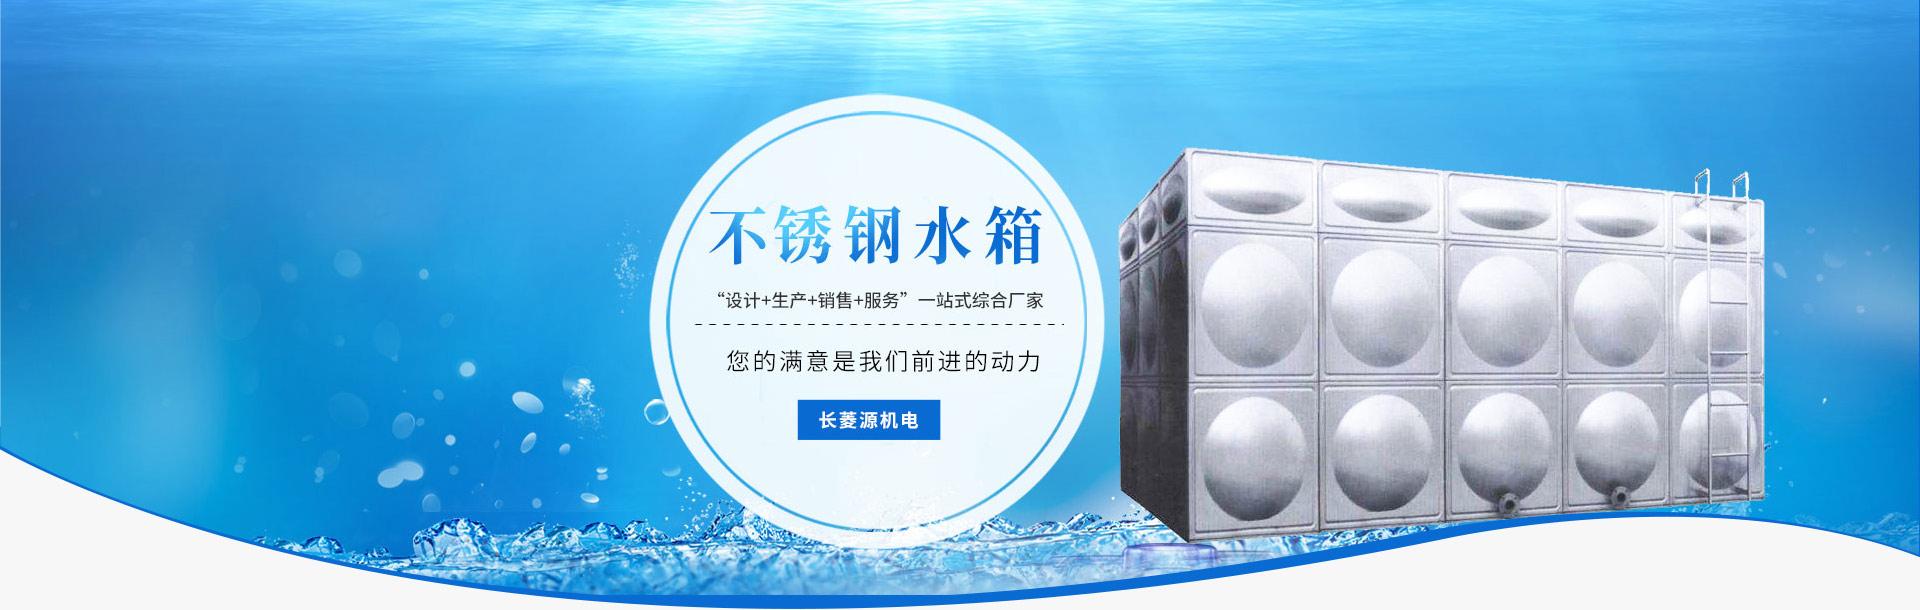 武汉变频供水